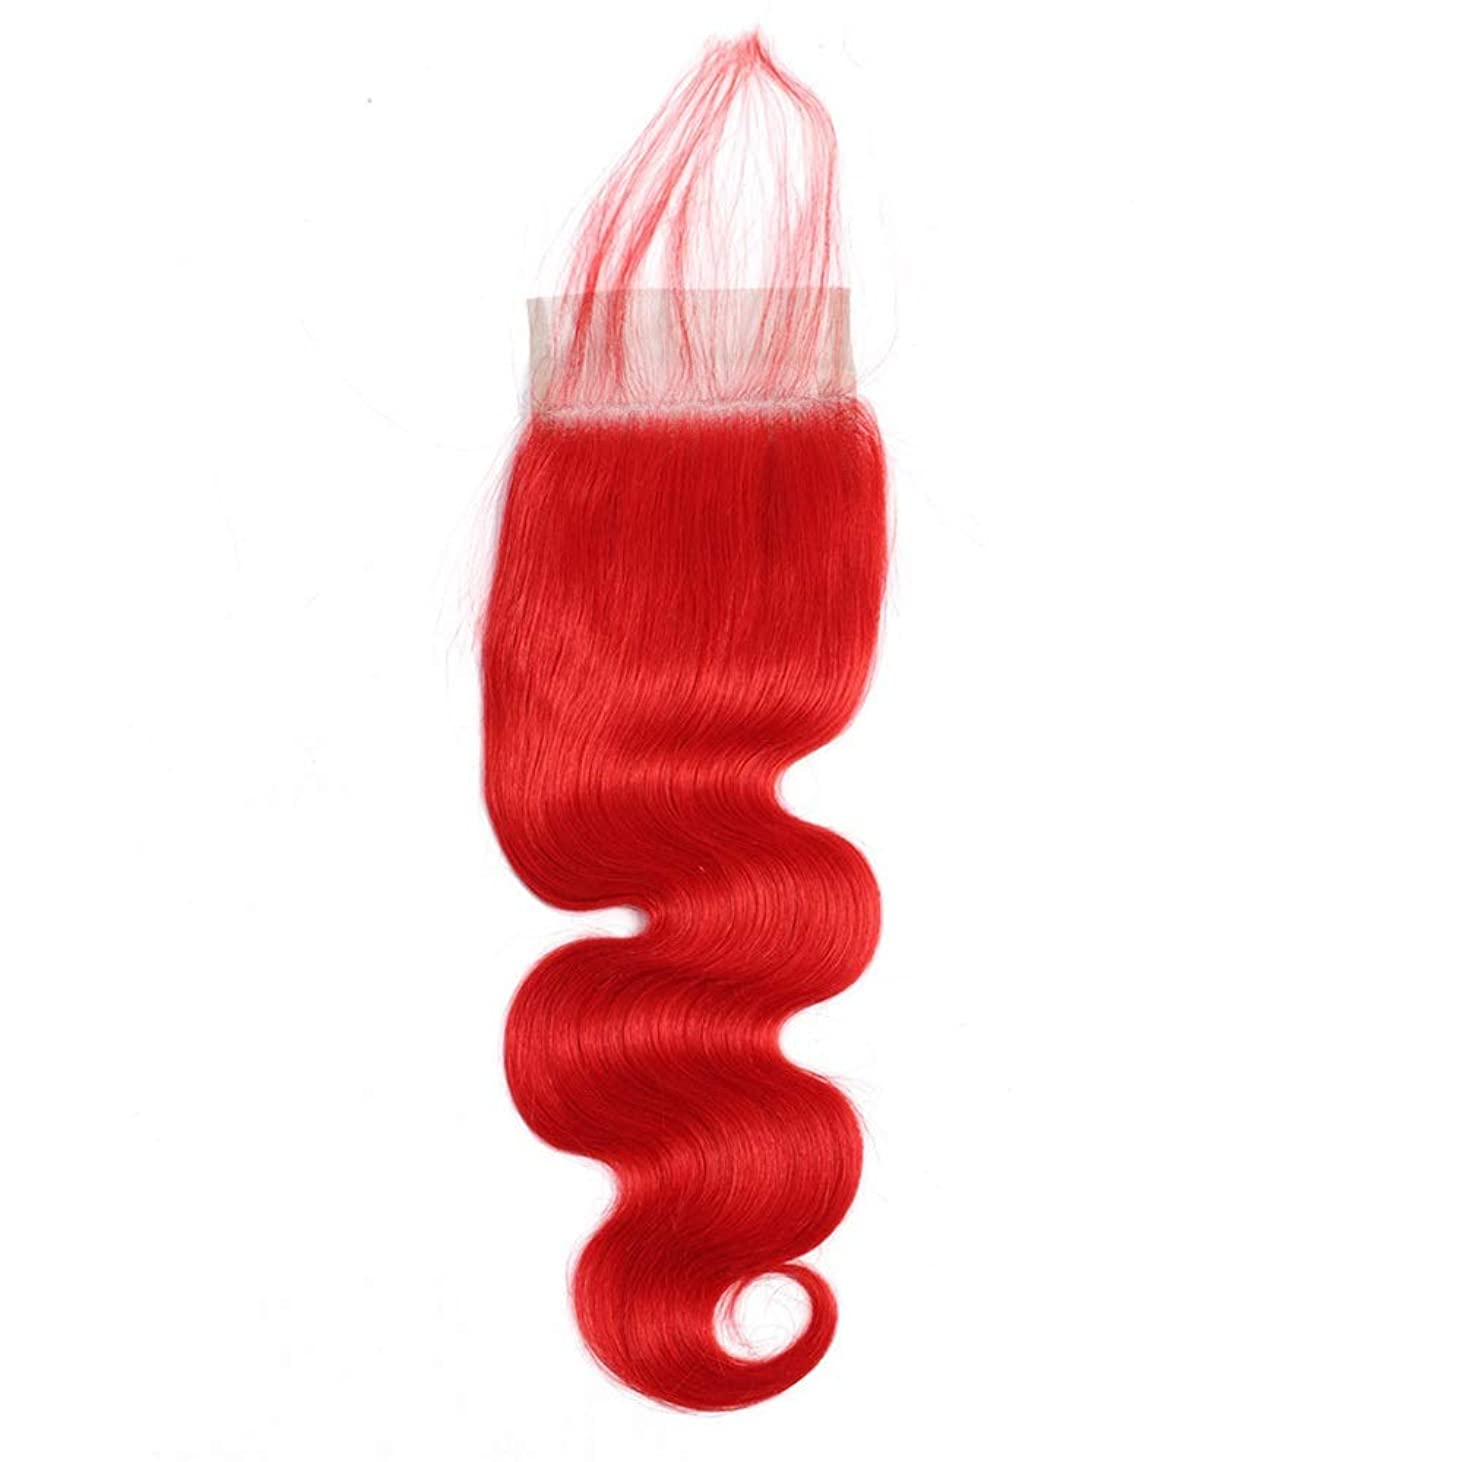 バナナ思い出残りYESONEEP 4×4インチ実体波レース閉鎖ブラジルバージン人間の毛髪延長赤10インチ-16インチファッションかつら (色 : レッド, サイズ : 10 inch)